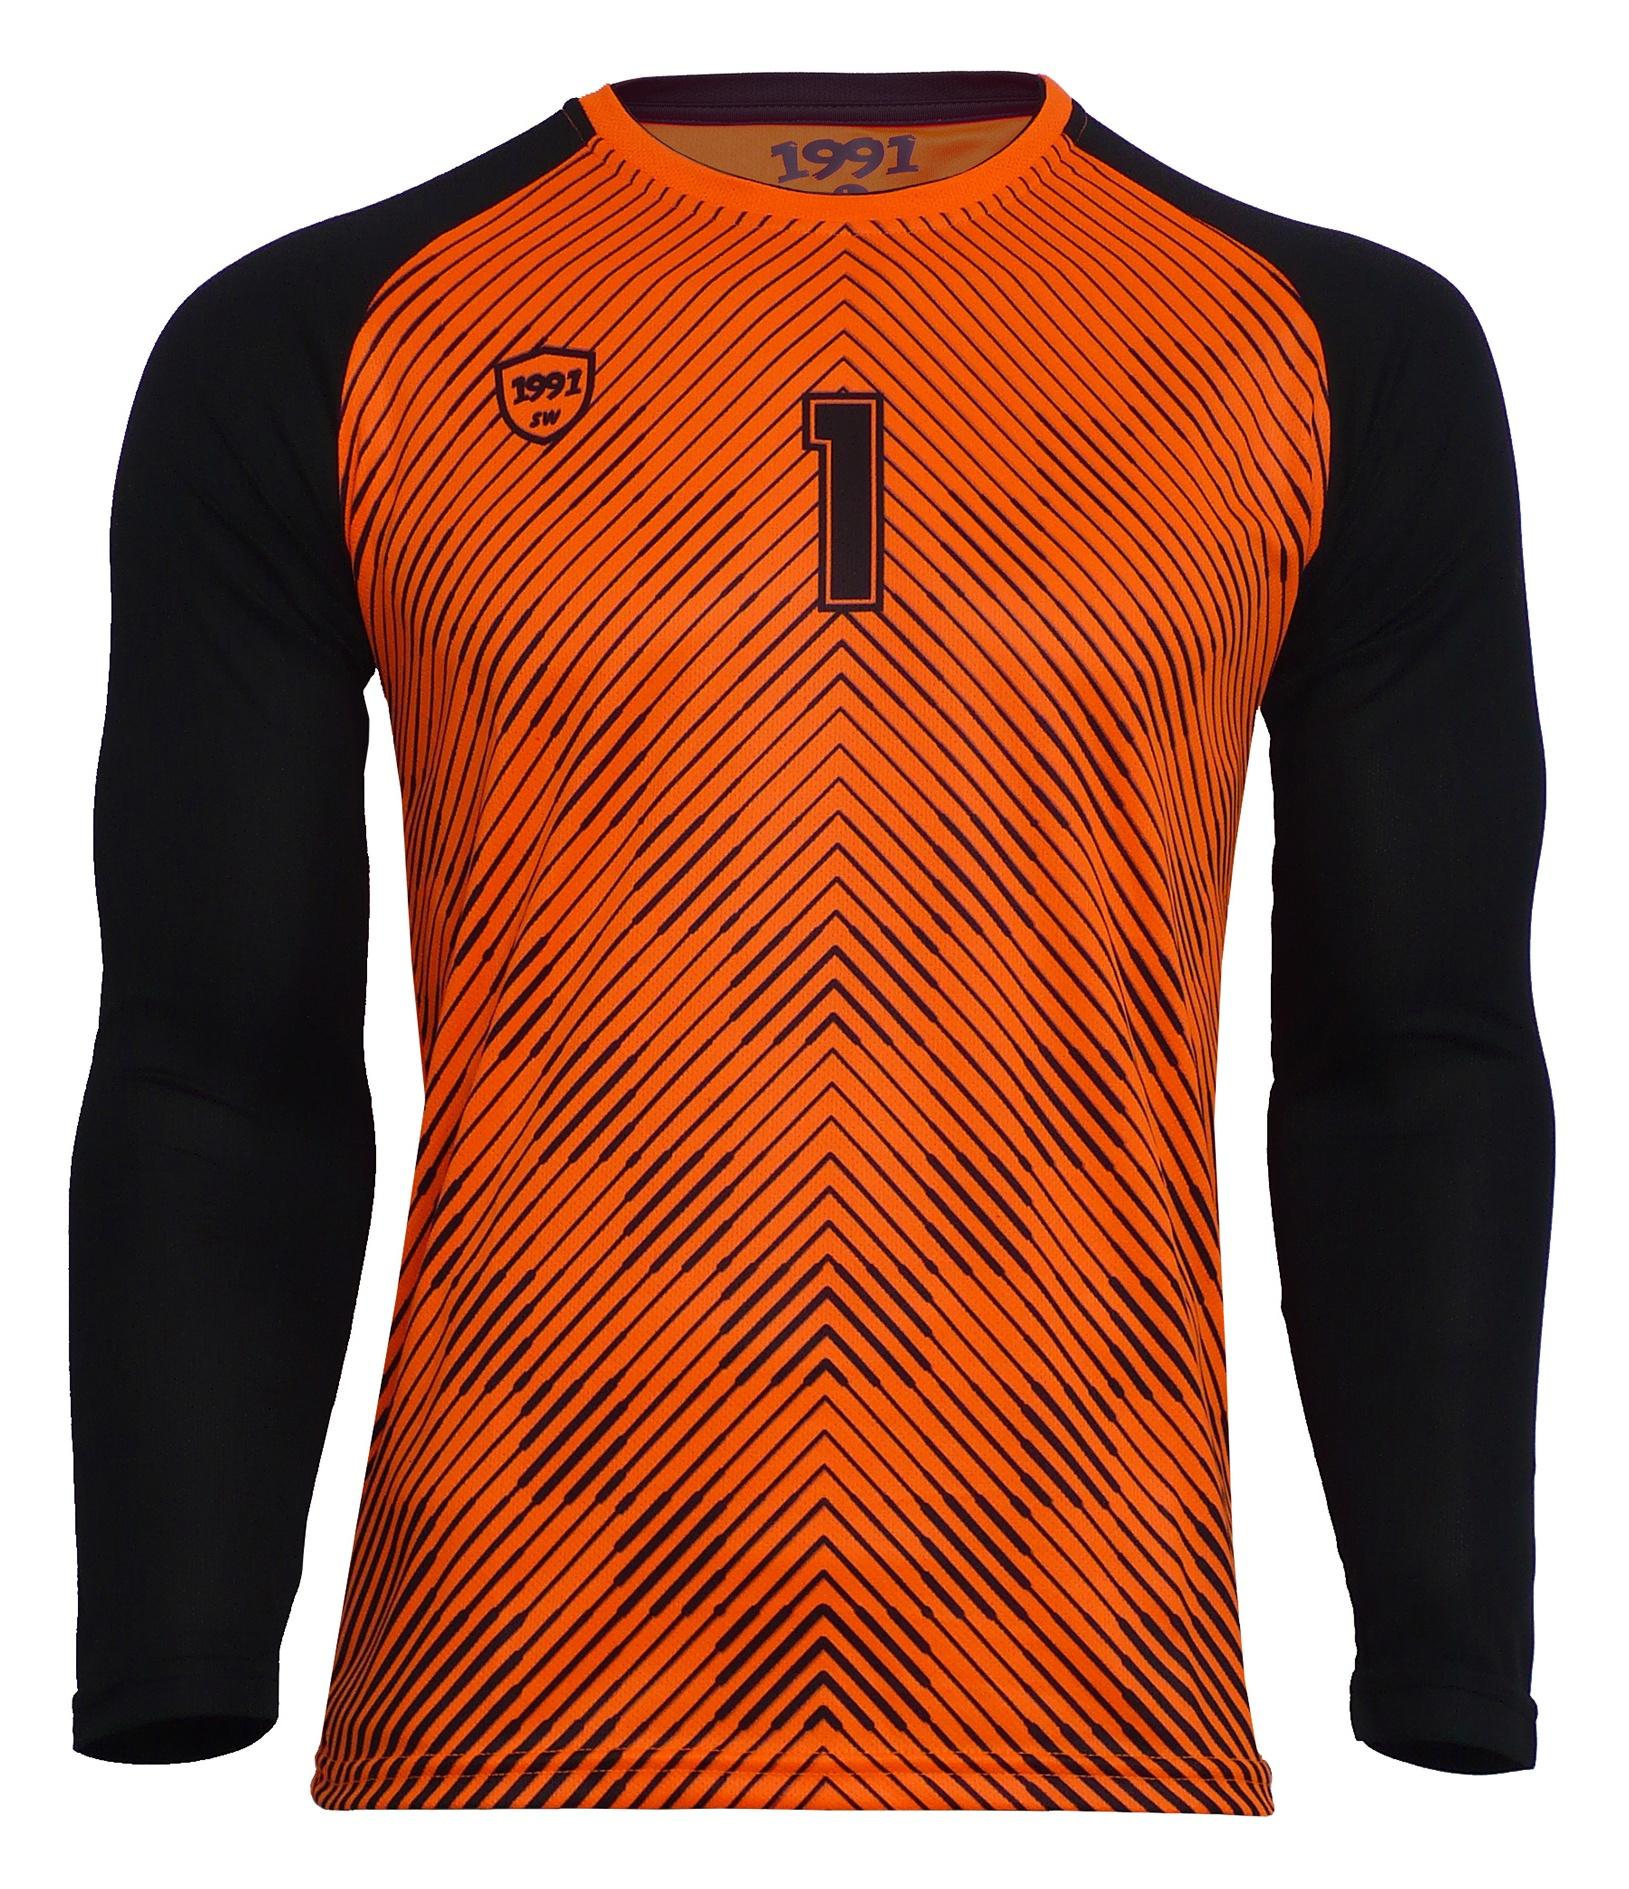 تصویر تی شرت ورزشی مردانه 1991 اس دبلیو مدل HOL Orange